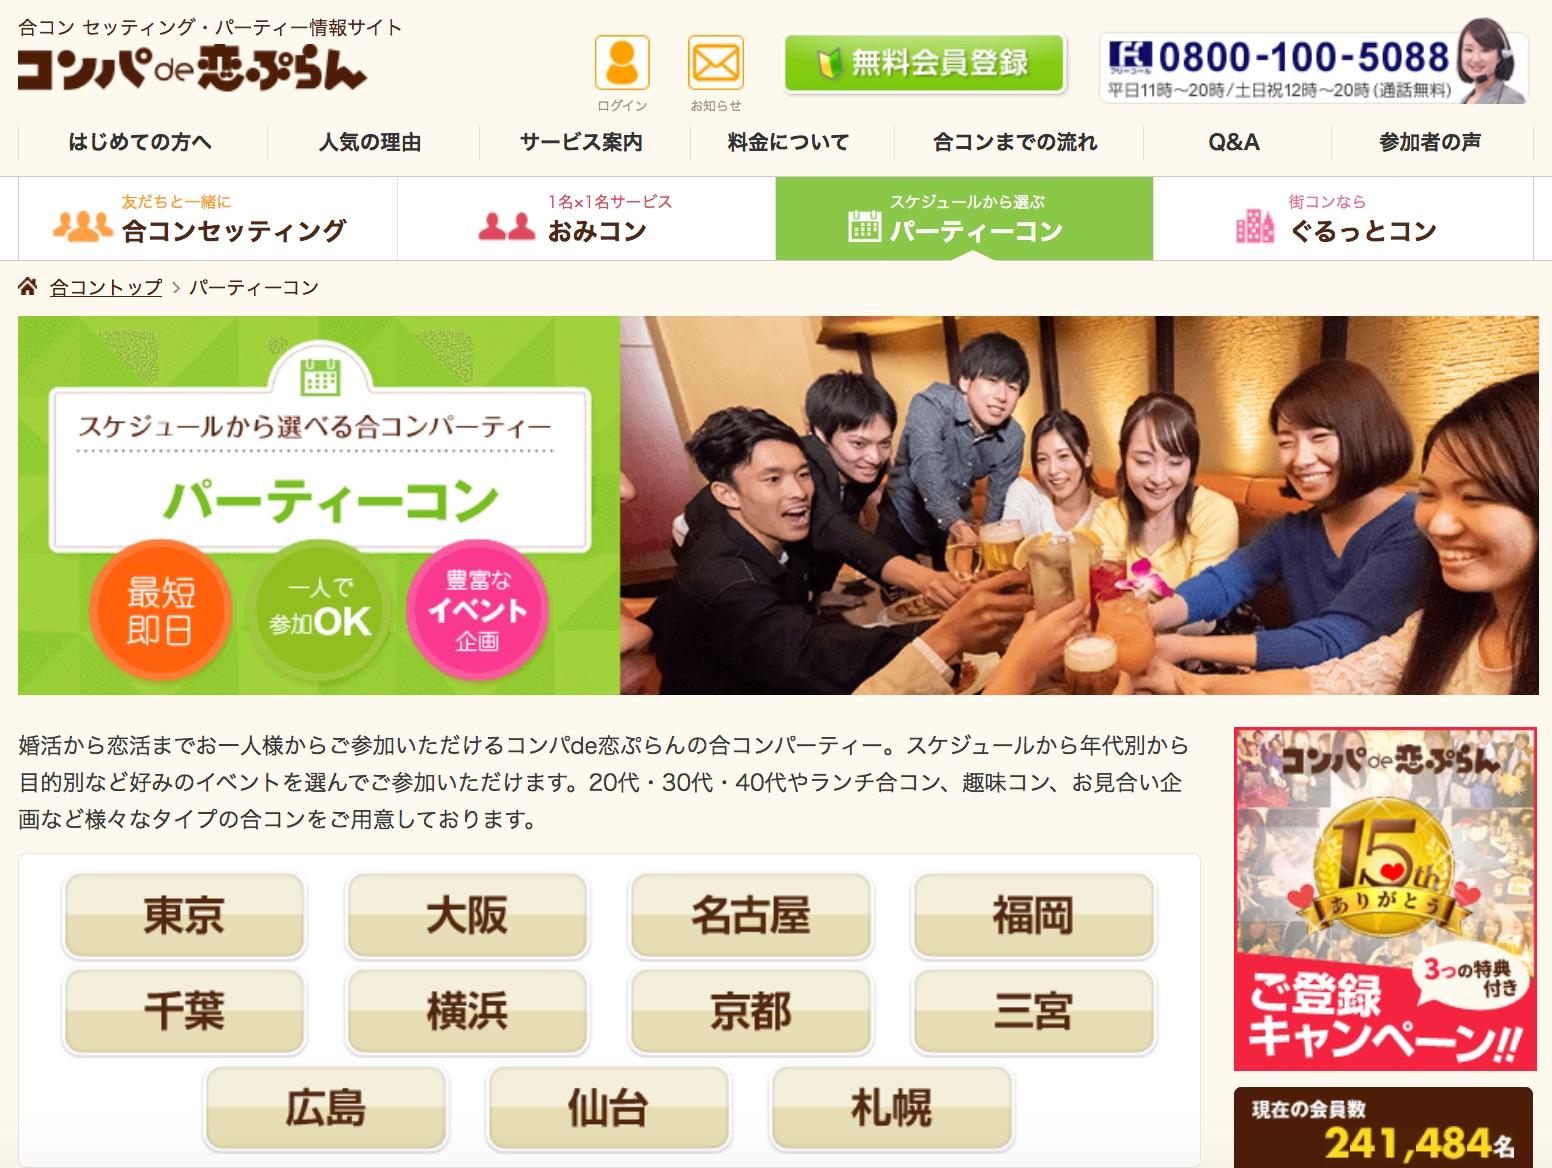 コンパde恋ぷらんTOPページイメージ